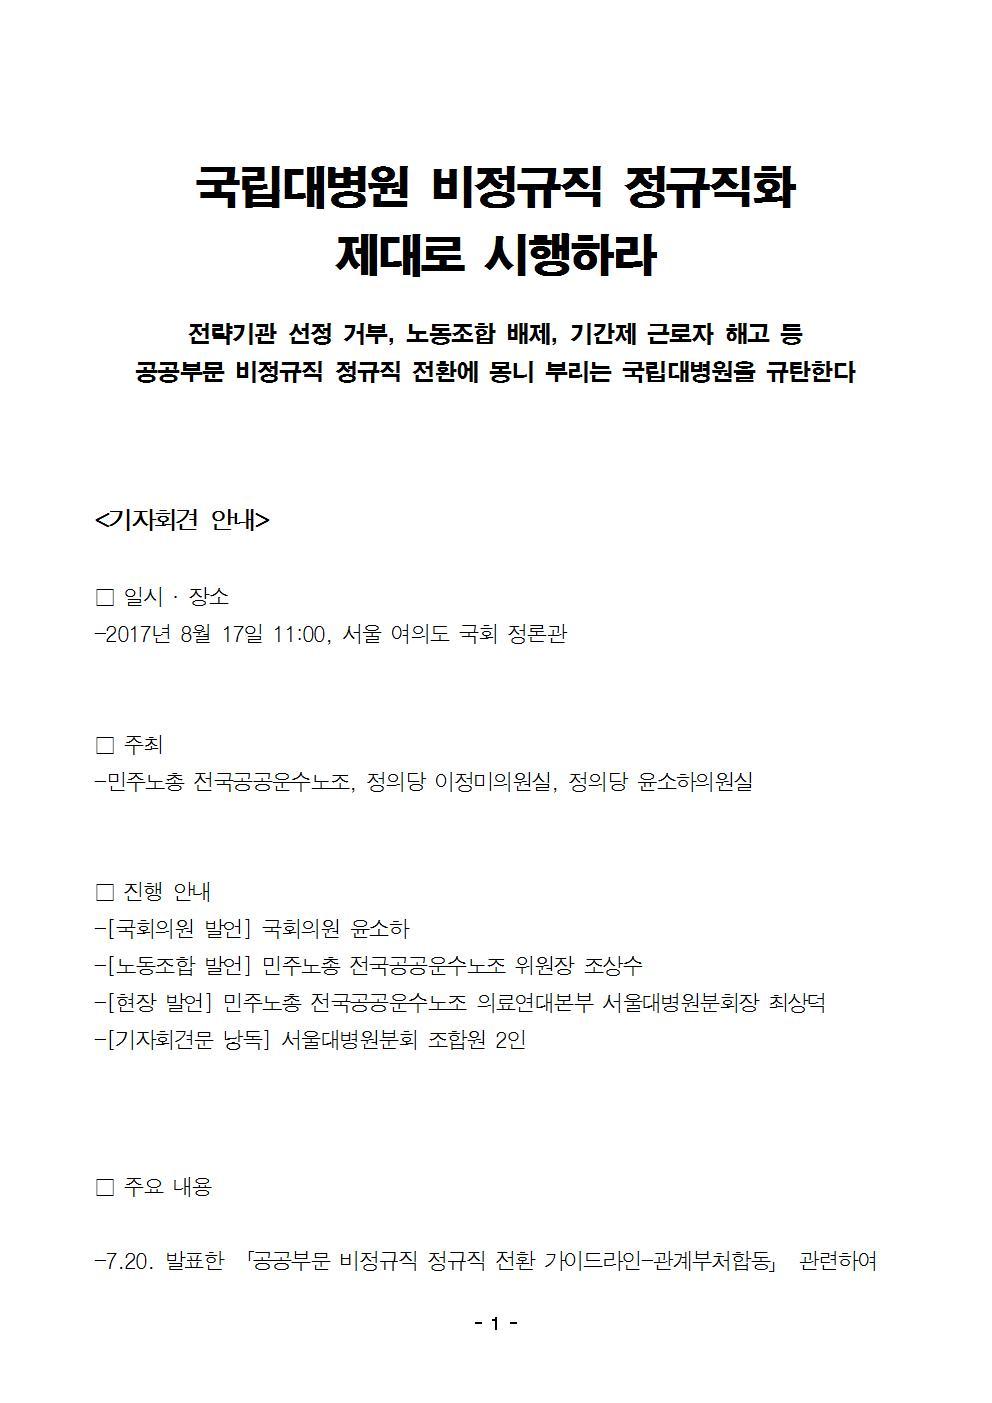 [기자회견문] 국립대병원 정규직전환001.jpg